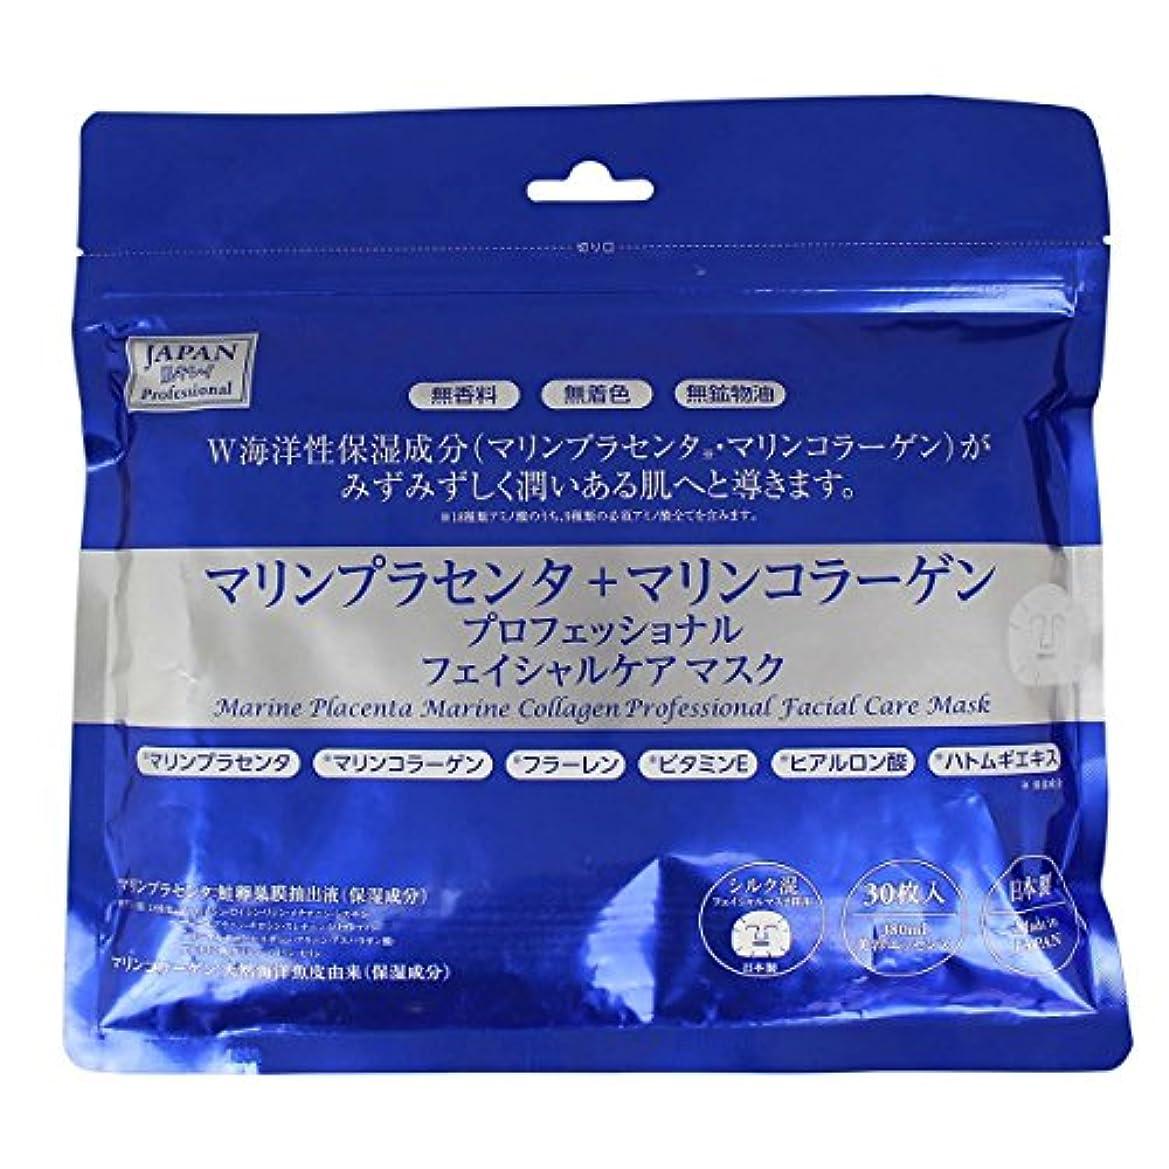 食べるビジュアルただやるプロフェッショナル フェイスマスク マリンプラセンタ+マリンコラーゲン 30枚入